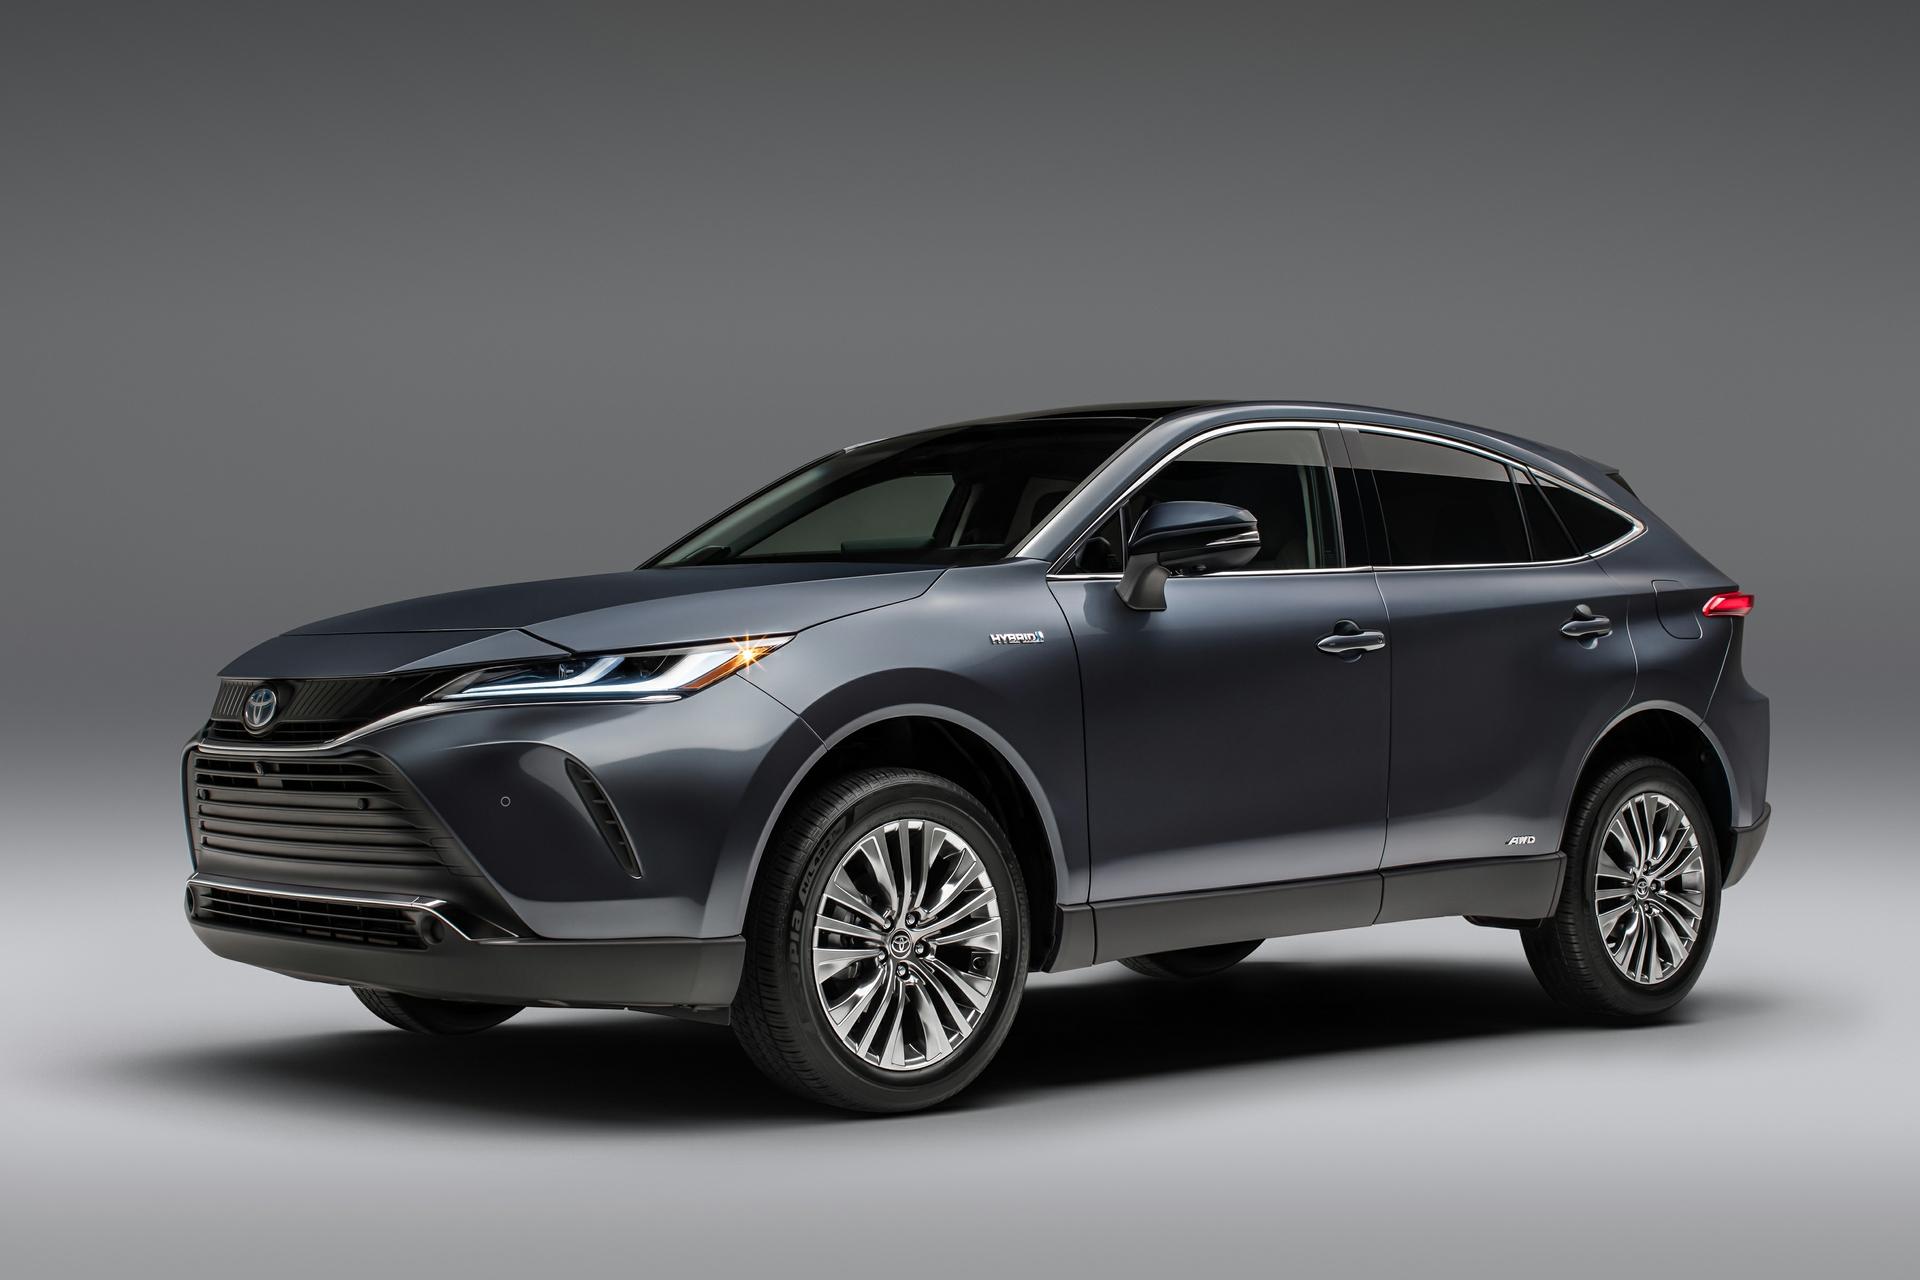 2021 Toyota Venza_Exterior_002